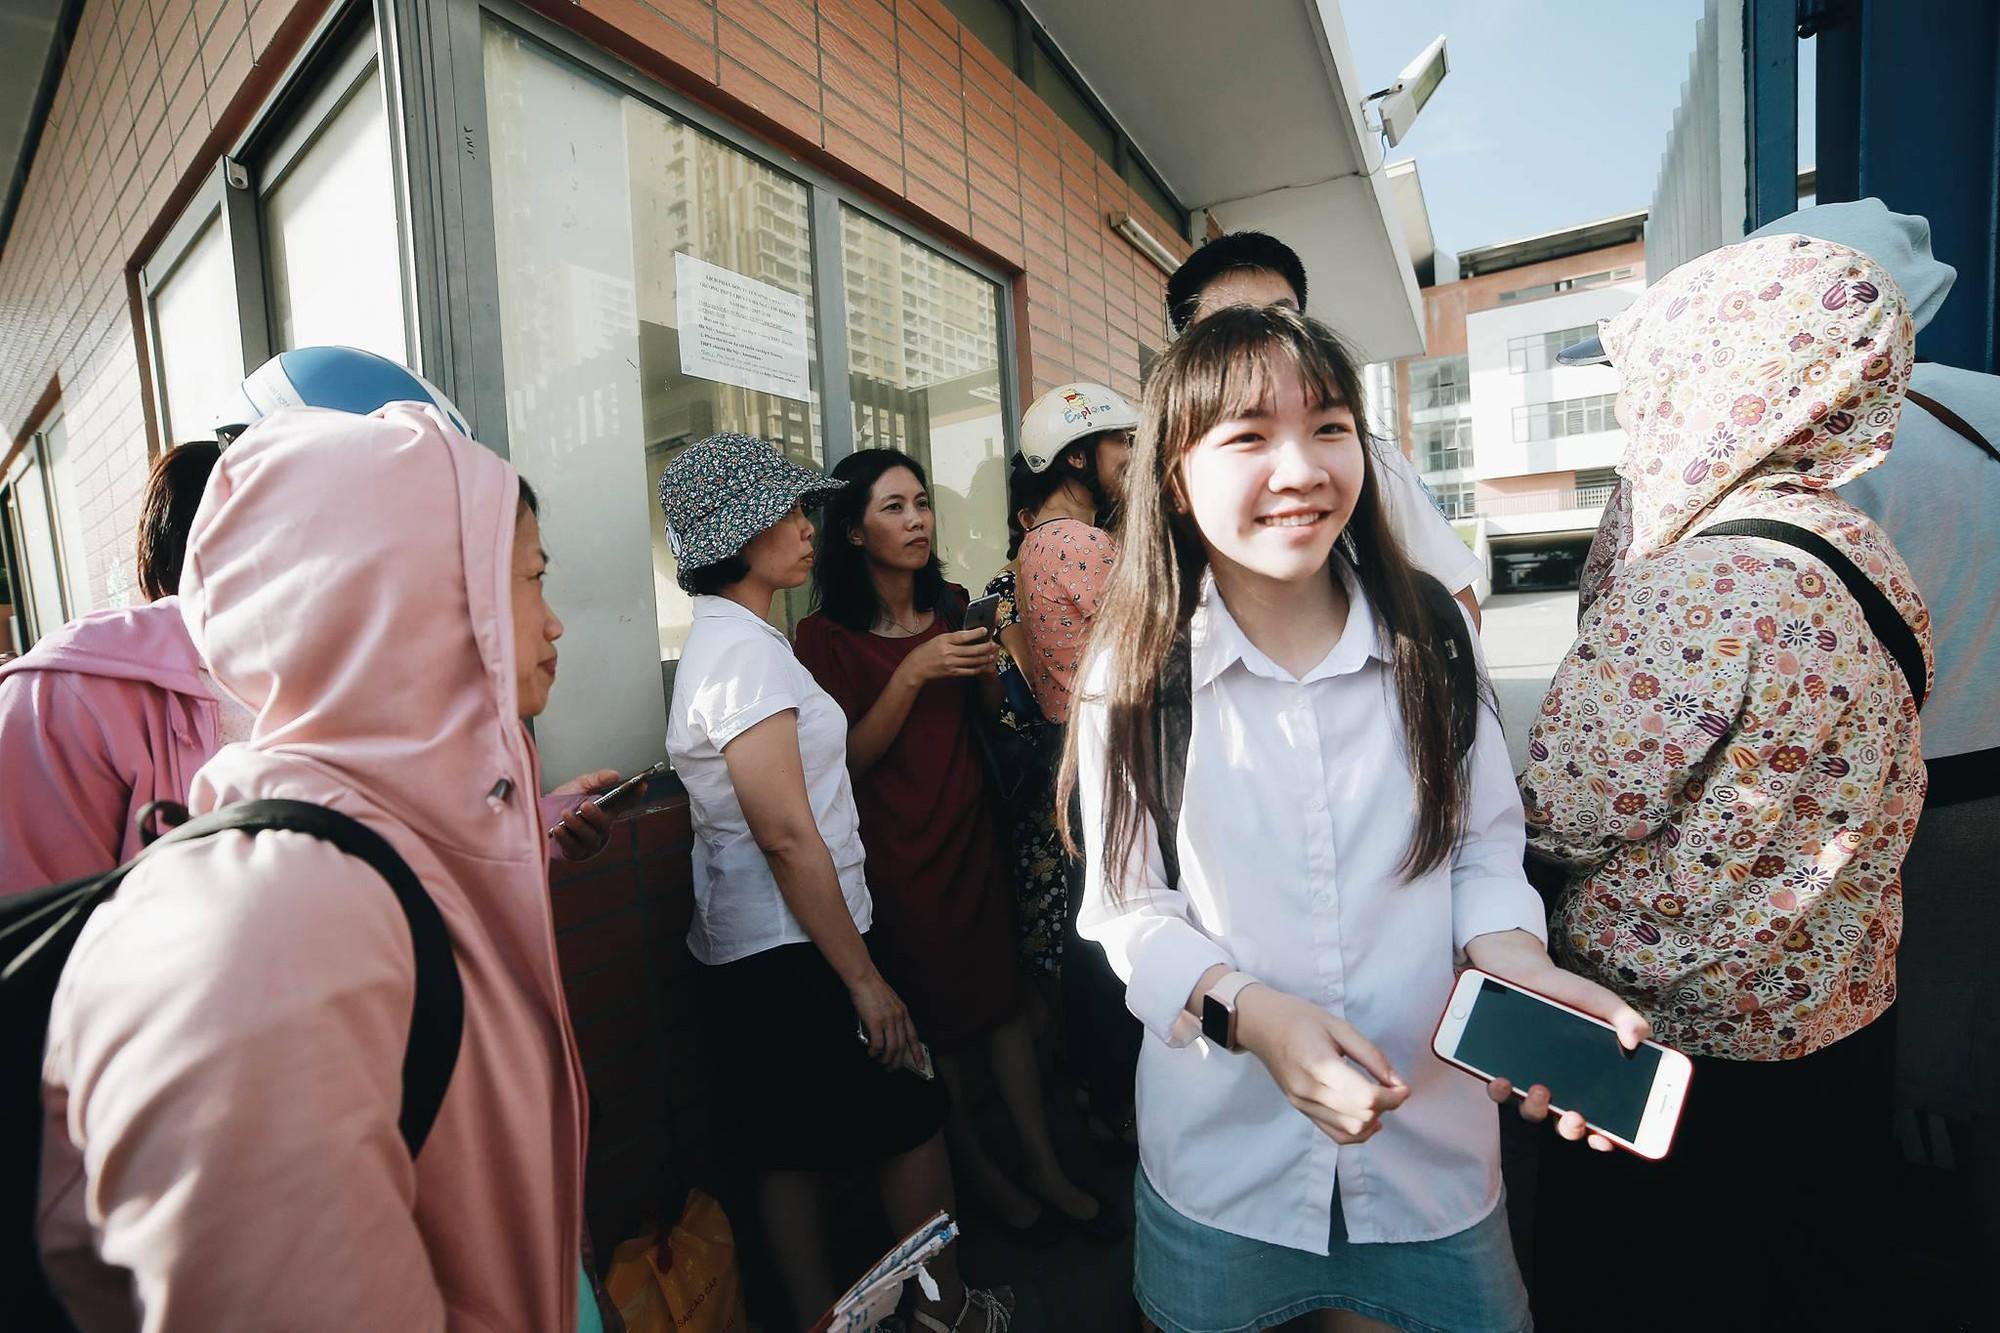 Nhóm trường THPT Chuyên hot nhất Hà Nội công bố phương án tuyển sinh 2018 - Ảnh 2.